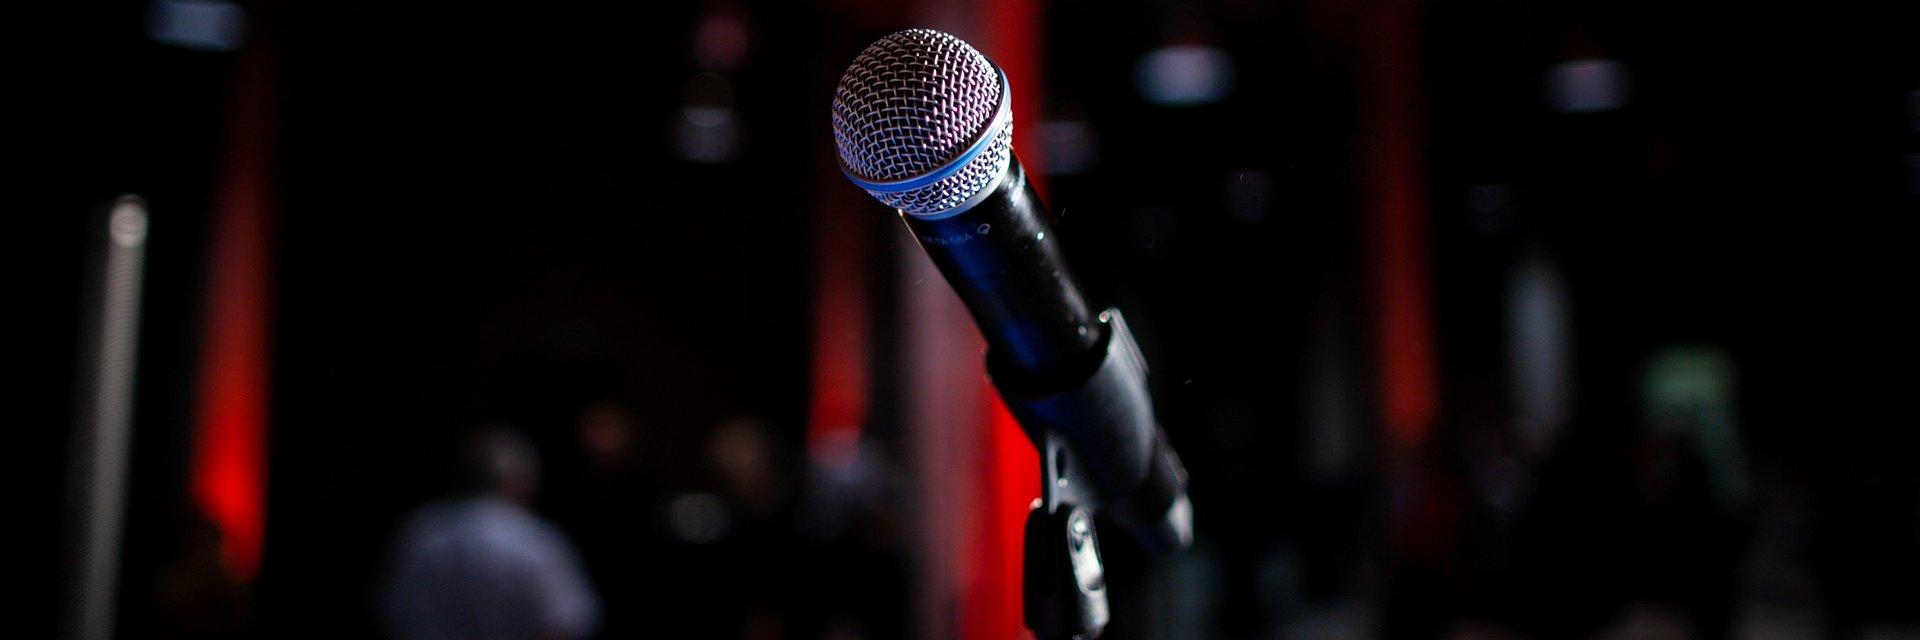 Czy kiedykolwiek zastanawiałeś się, czy to jak mówisz w wystąpieniu publicznym ma znaczenie?